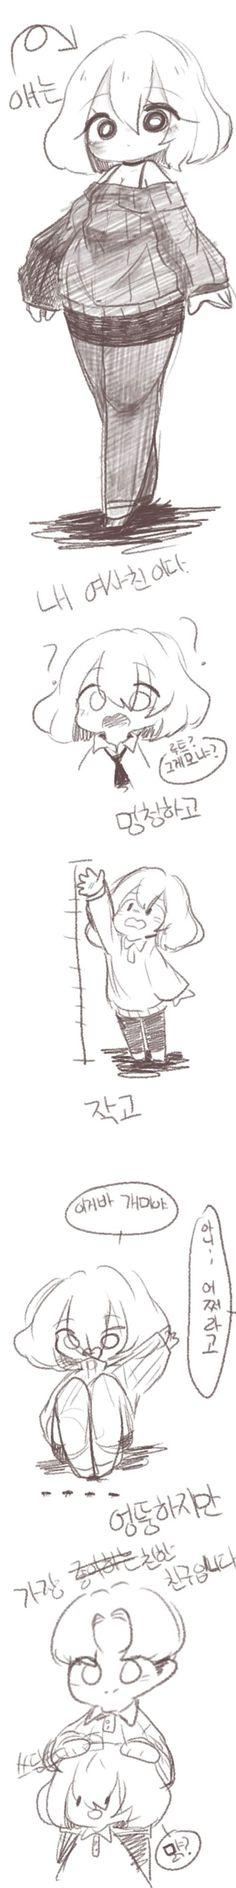 [공유] 여사친 0-1 manhwa : 네이버 블로그 Cartoon, Manga, Comics, Tg Tf, Board, Illustration, Cute, Anime, Character